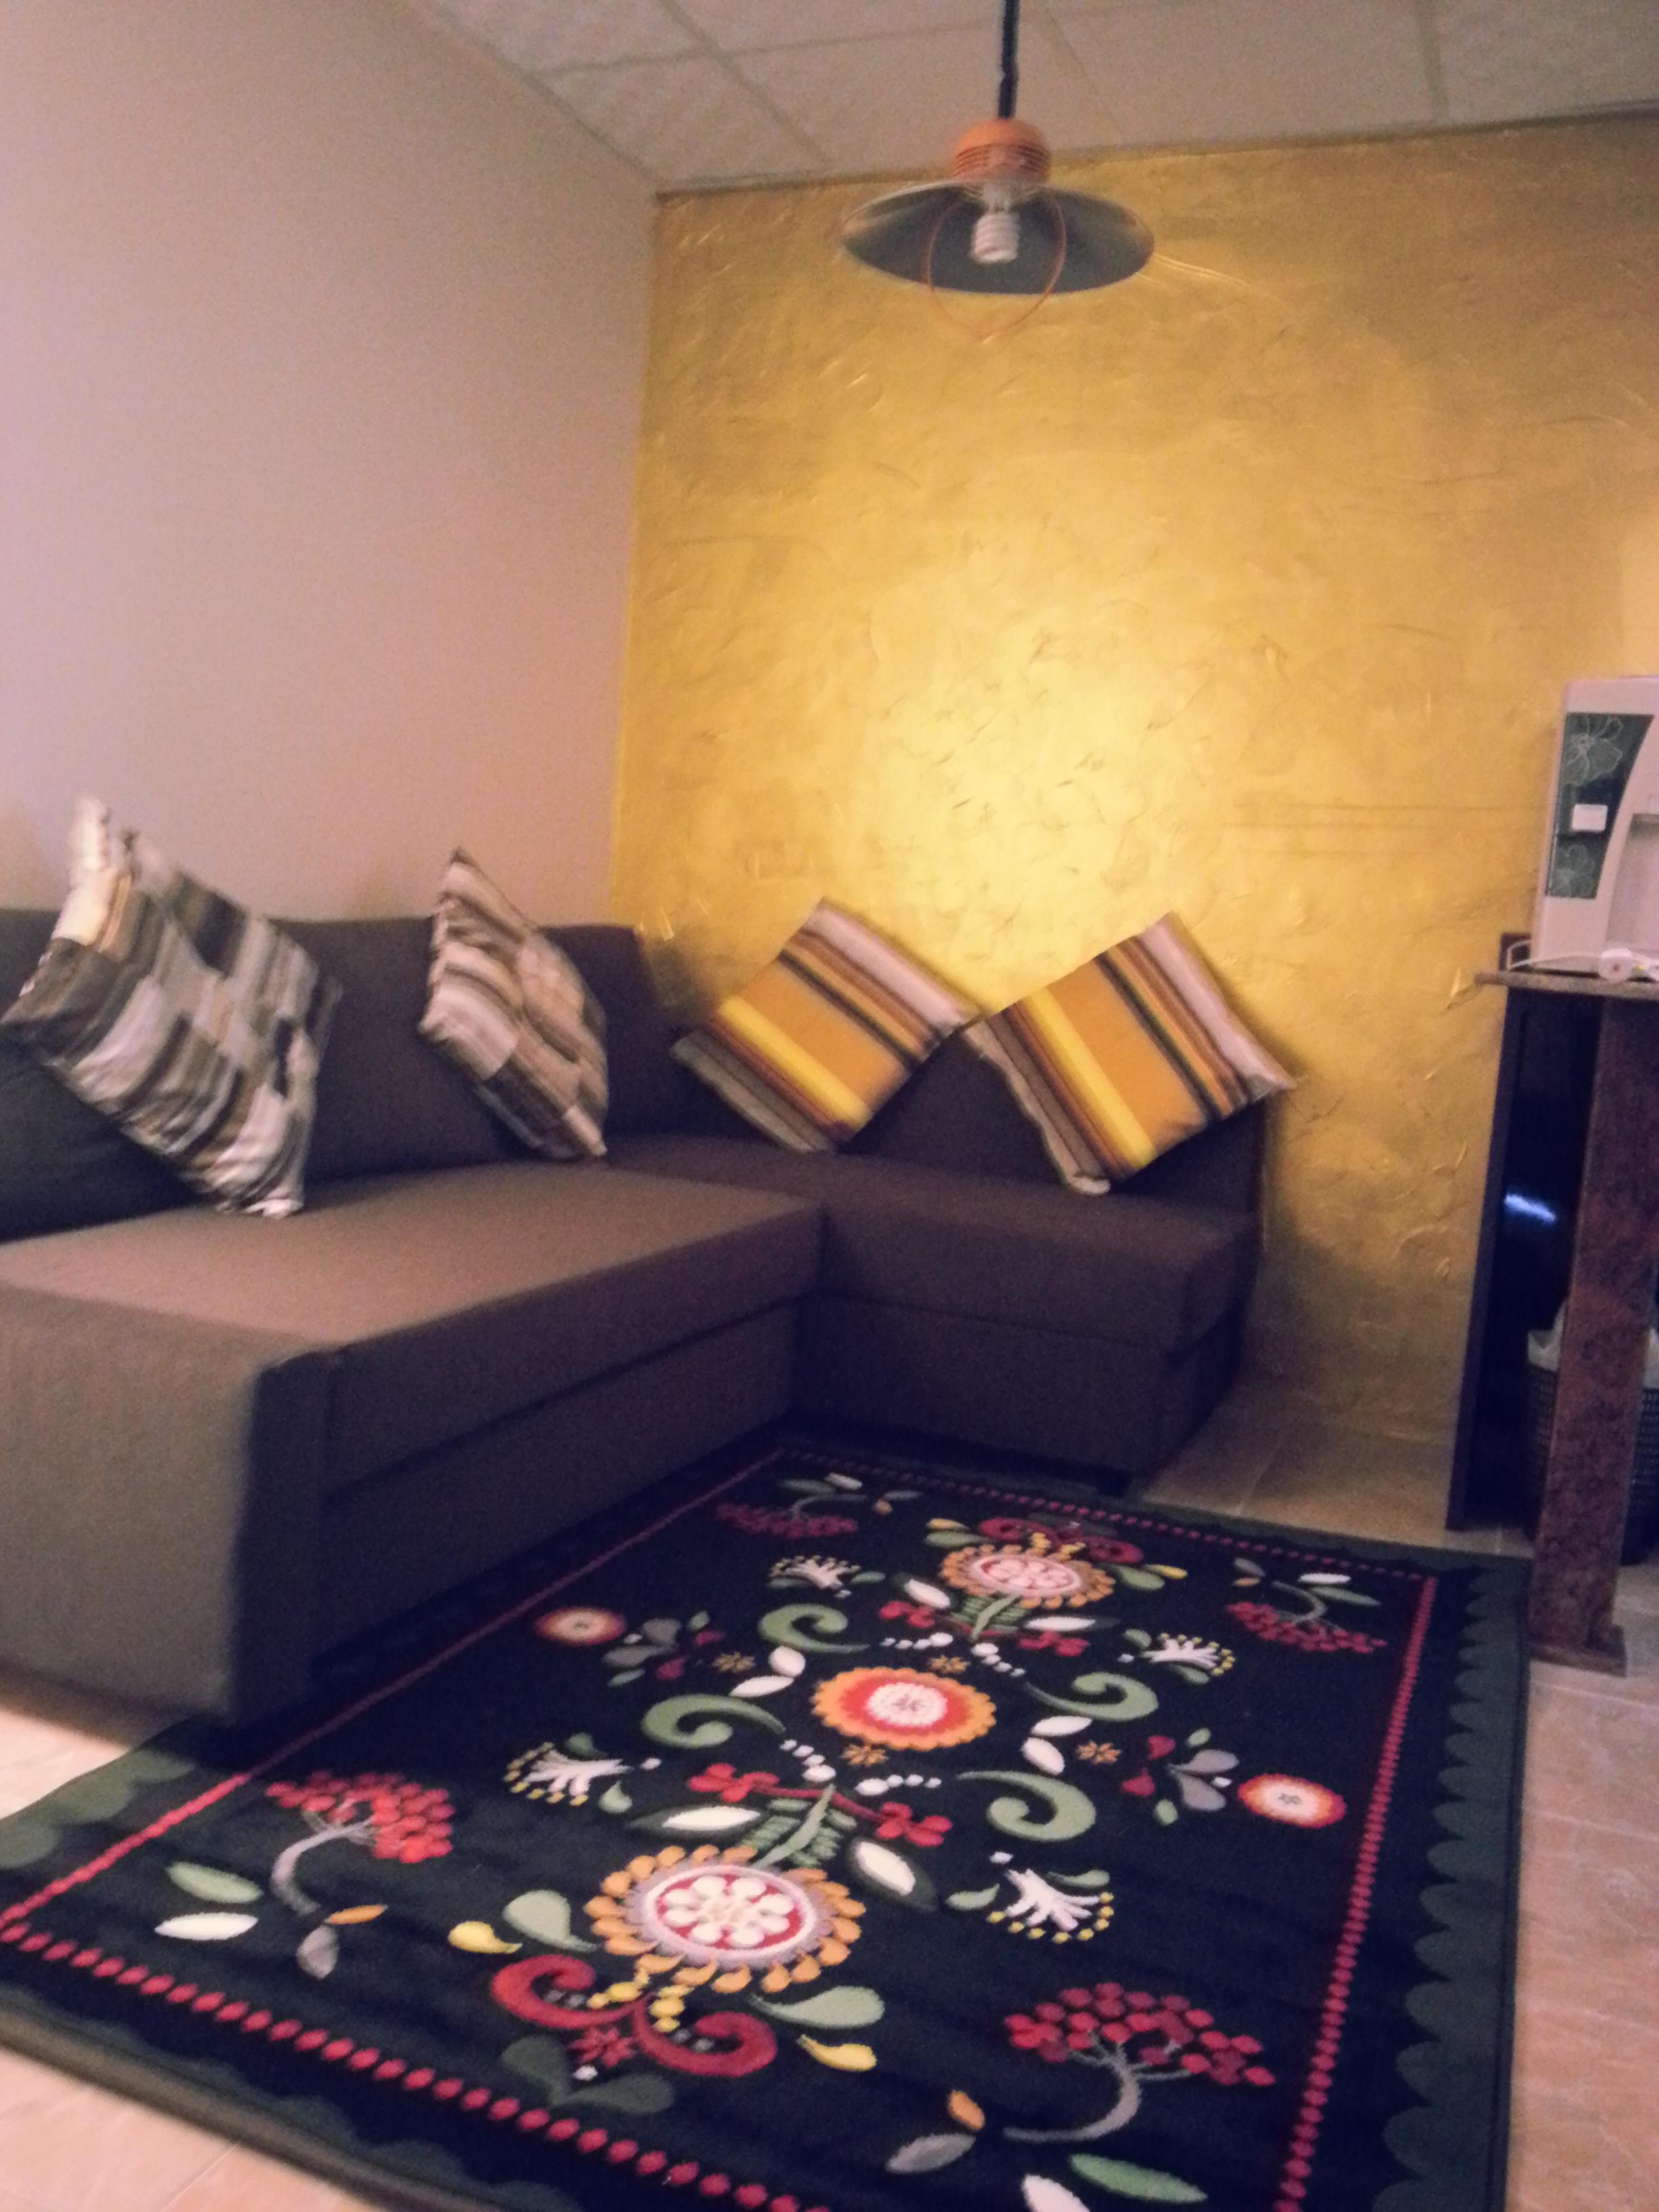 Friheten croner sofa bed ikea product 1600qar qatar for Sofa bed qatar living